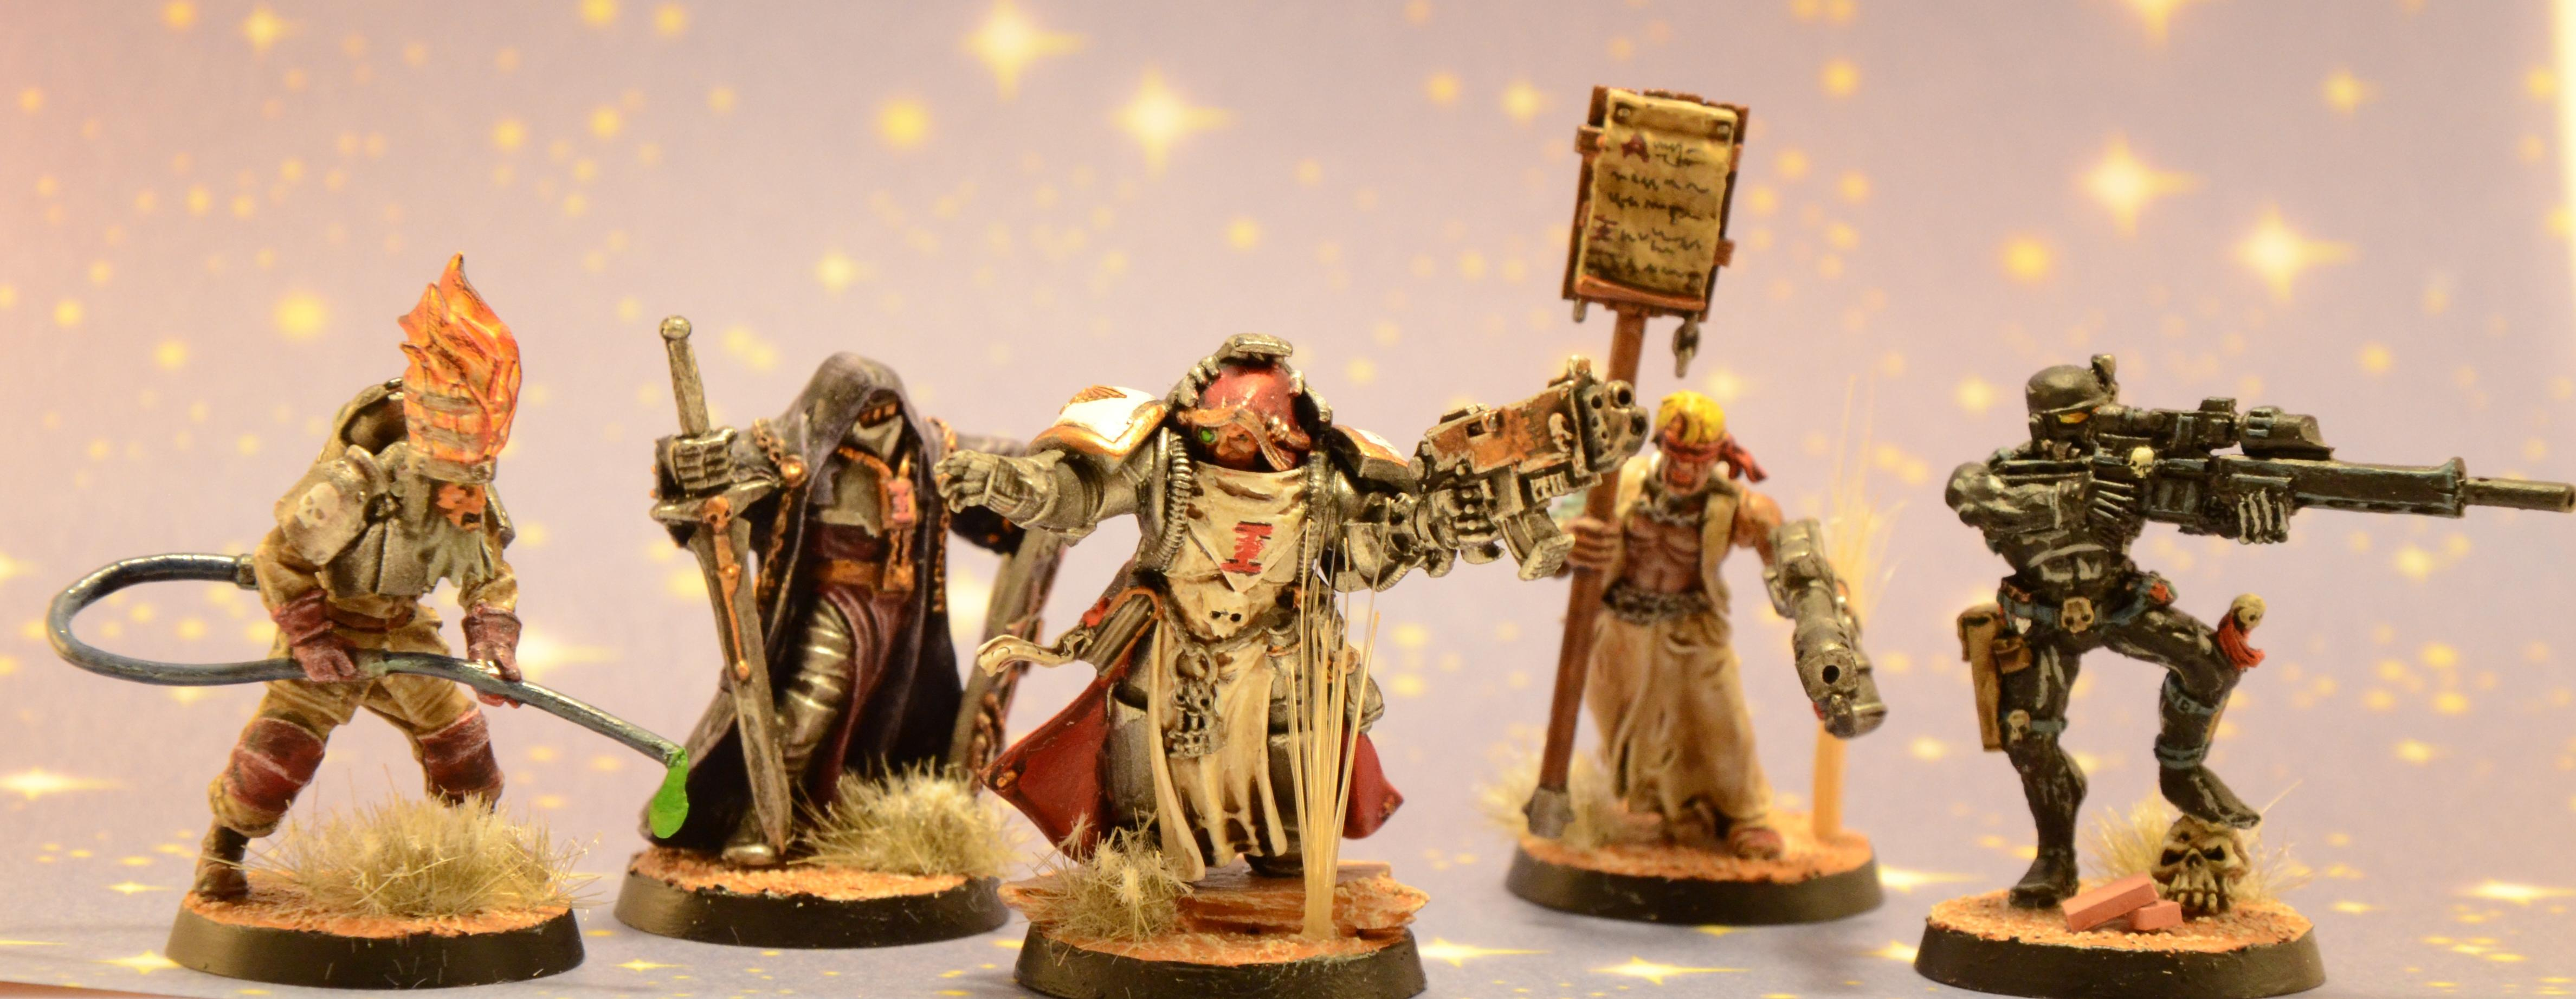 Inquisition, Inquisitor, Retinue